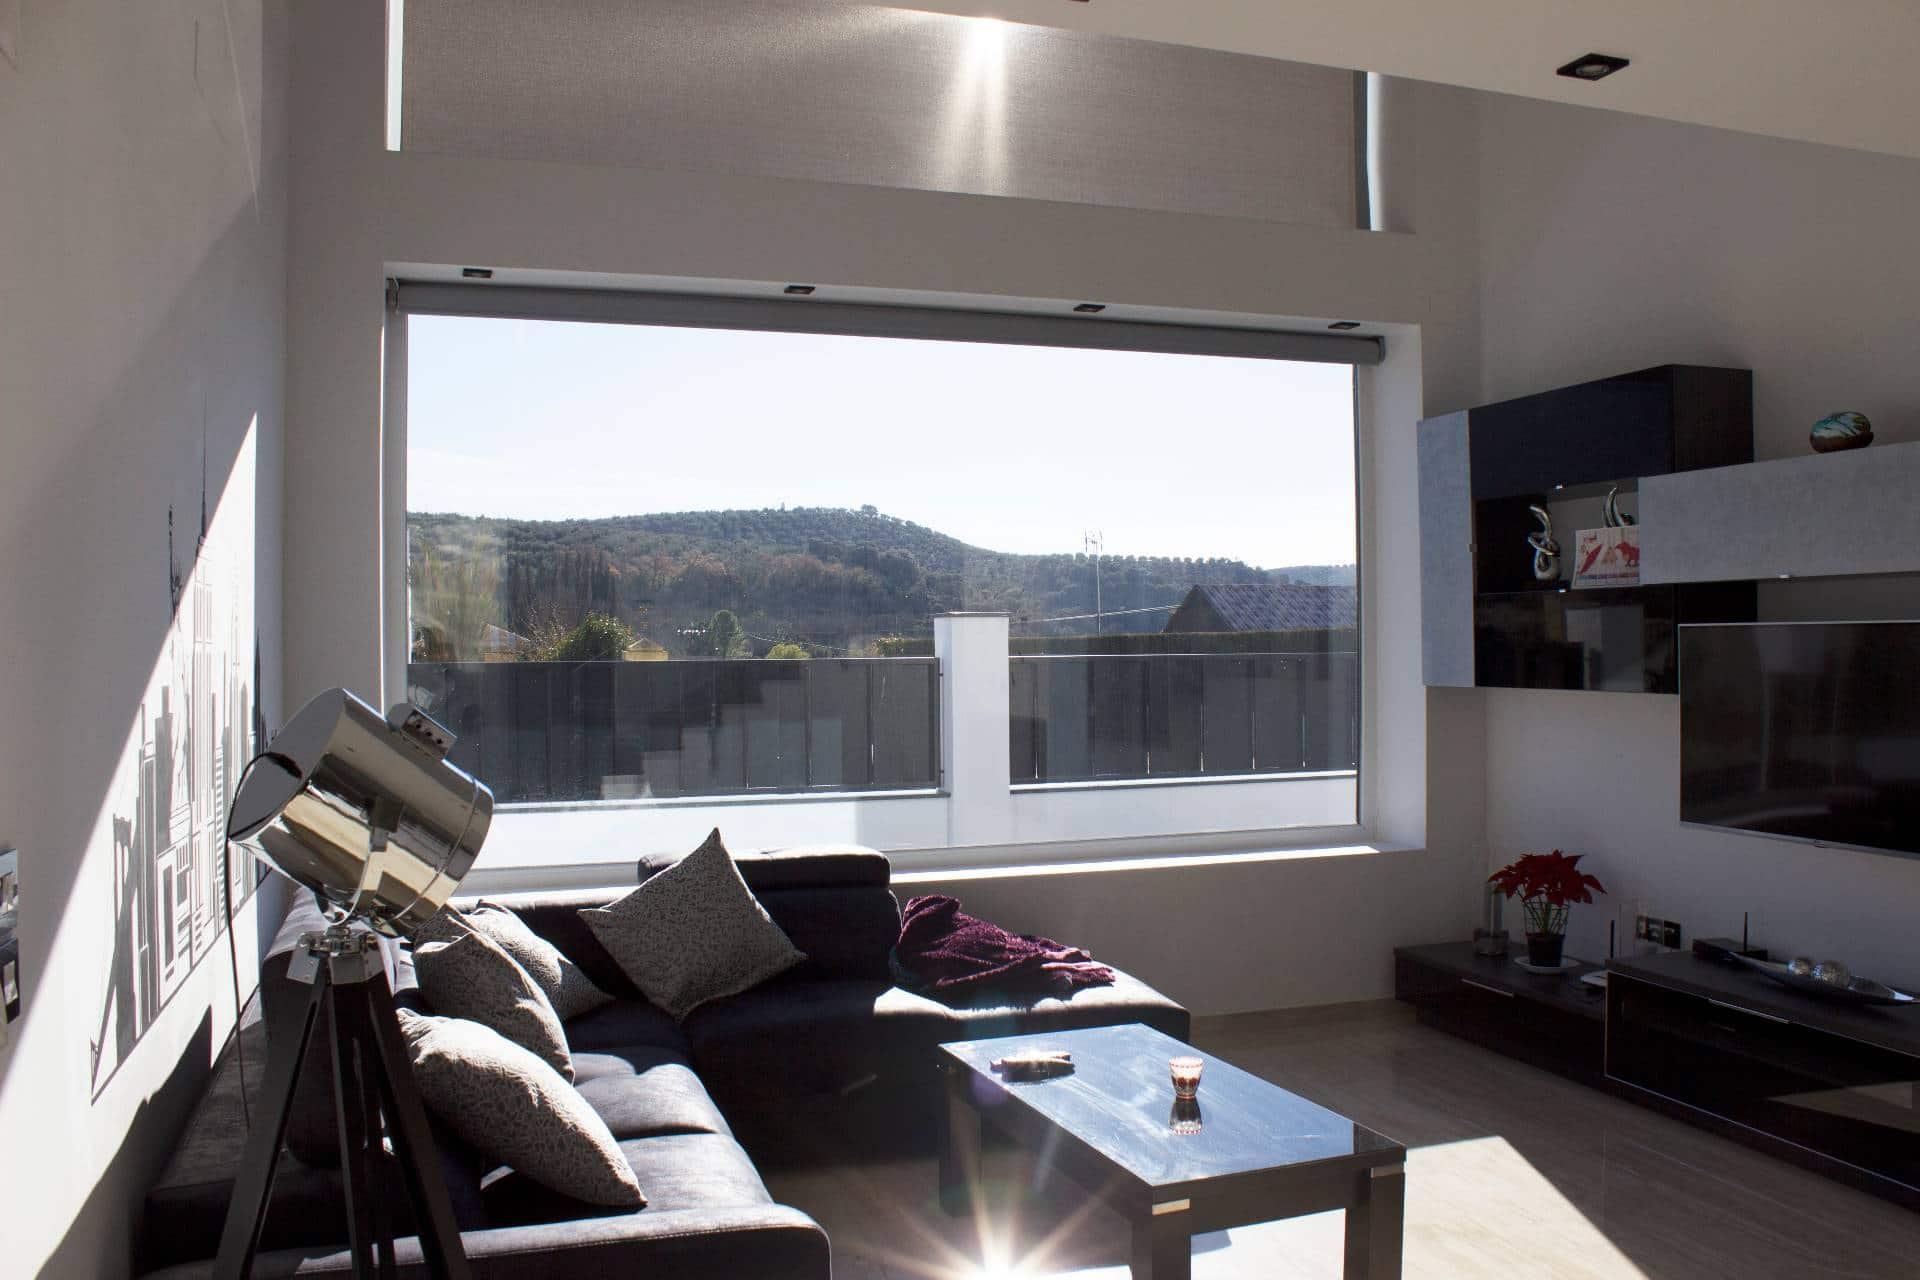 Instalacion de ventanas de aluminio top instalacion de for Instalacion de ventanas de aluminio